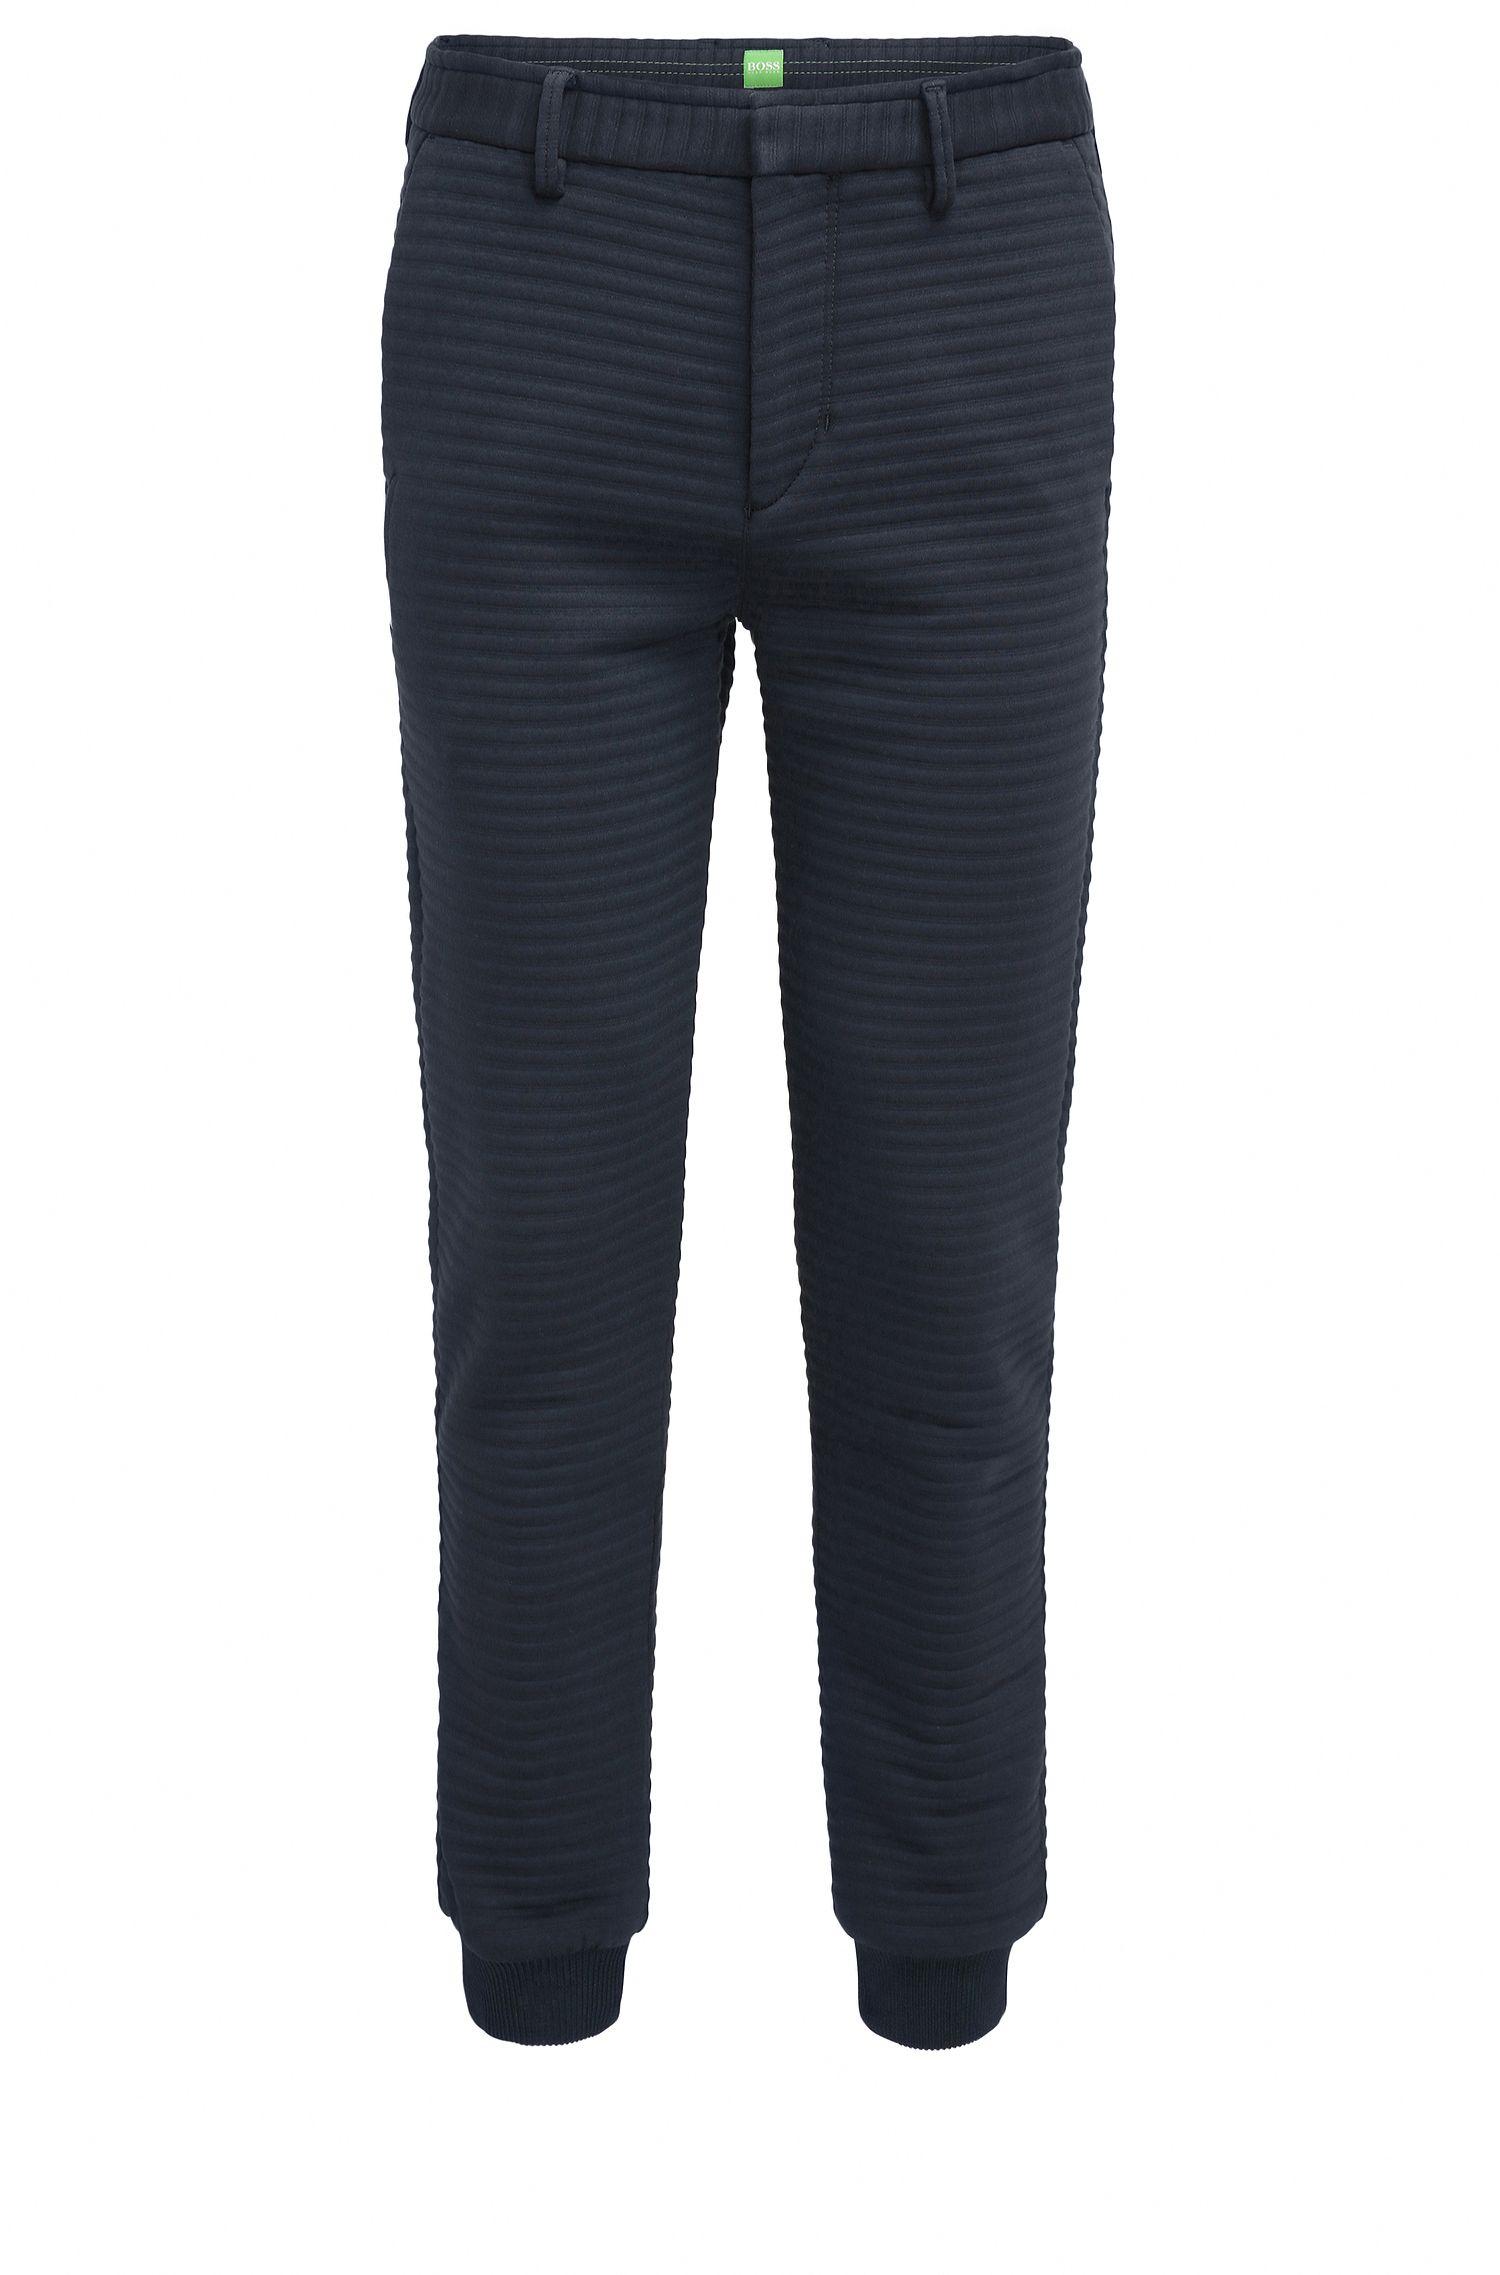 Pantalon Slim Fit en jersey structuré effet 3D